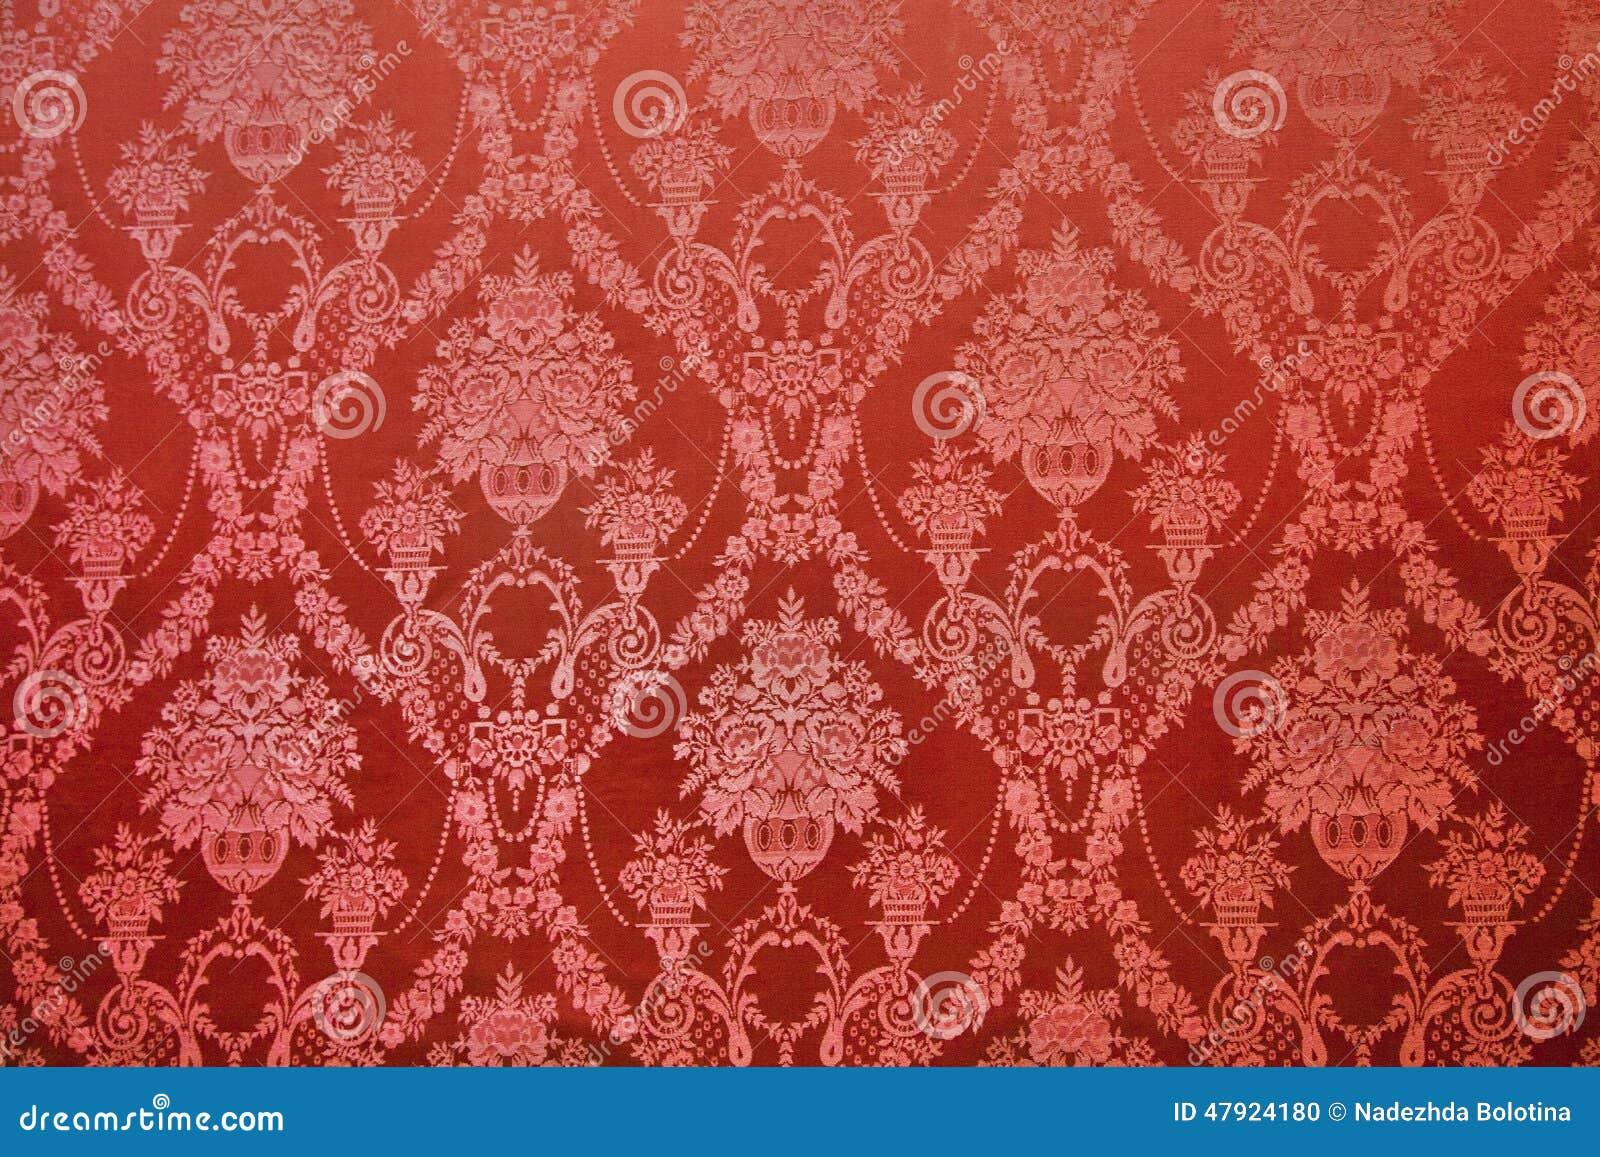 Alte Wandverkleidung Aus Stoff Stockfoto - Bild von zuhause, tuch ...